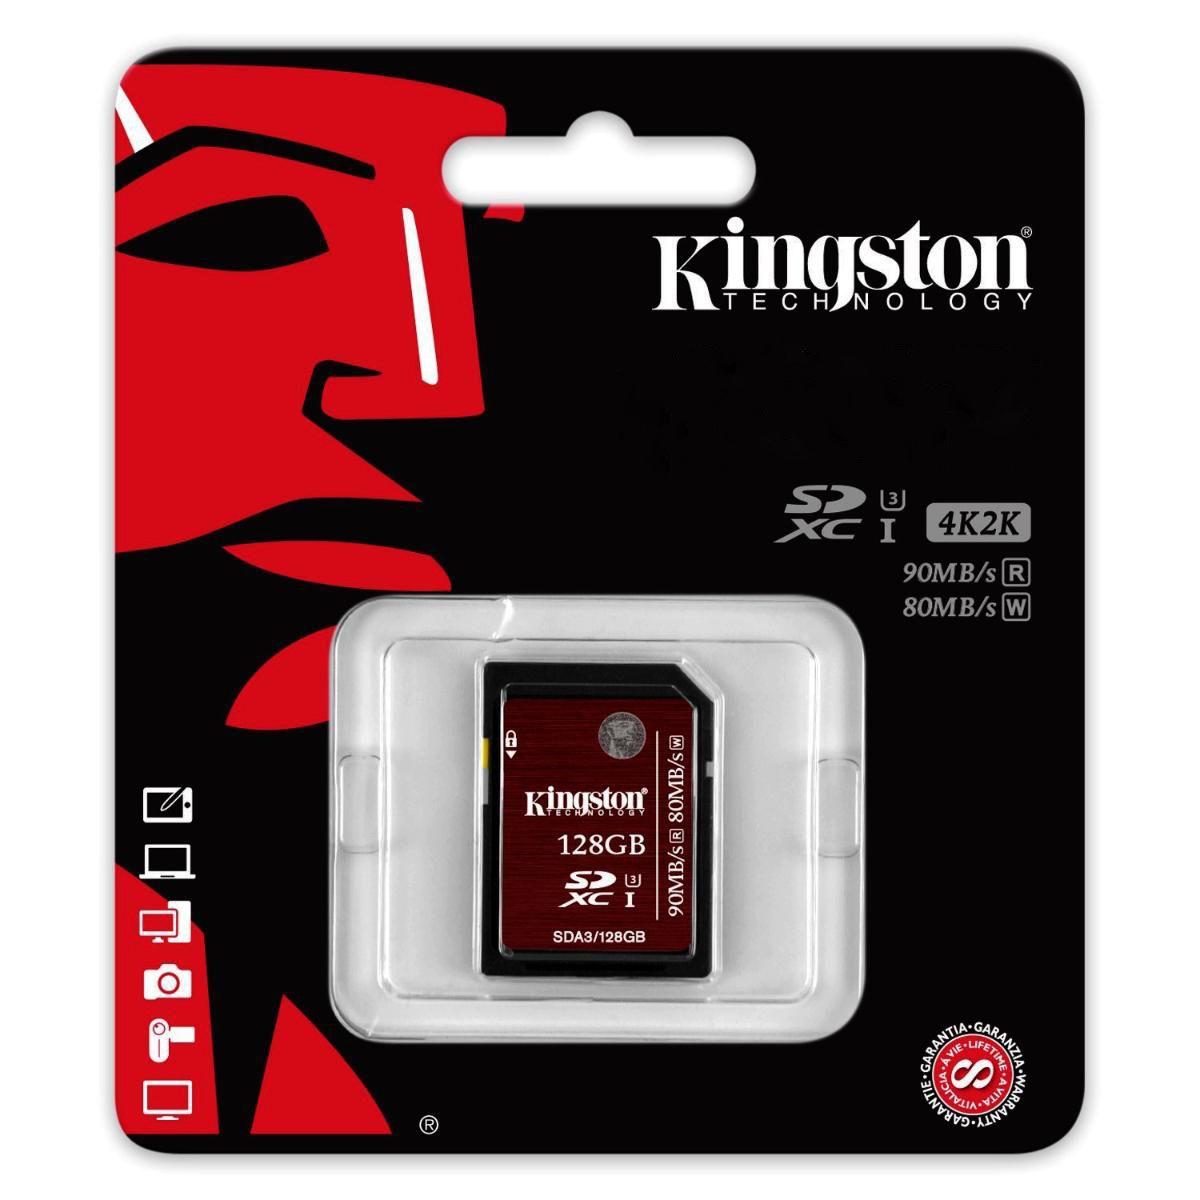 Cartão de Memória Kingston SD Classe 3 (U3) 4K 2K UHS 90MB/s - SDA3  - Fotolux